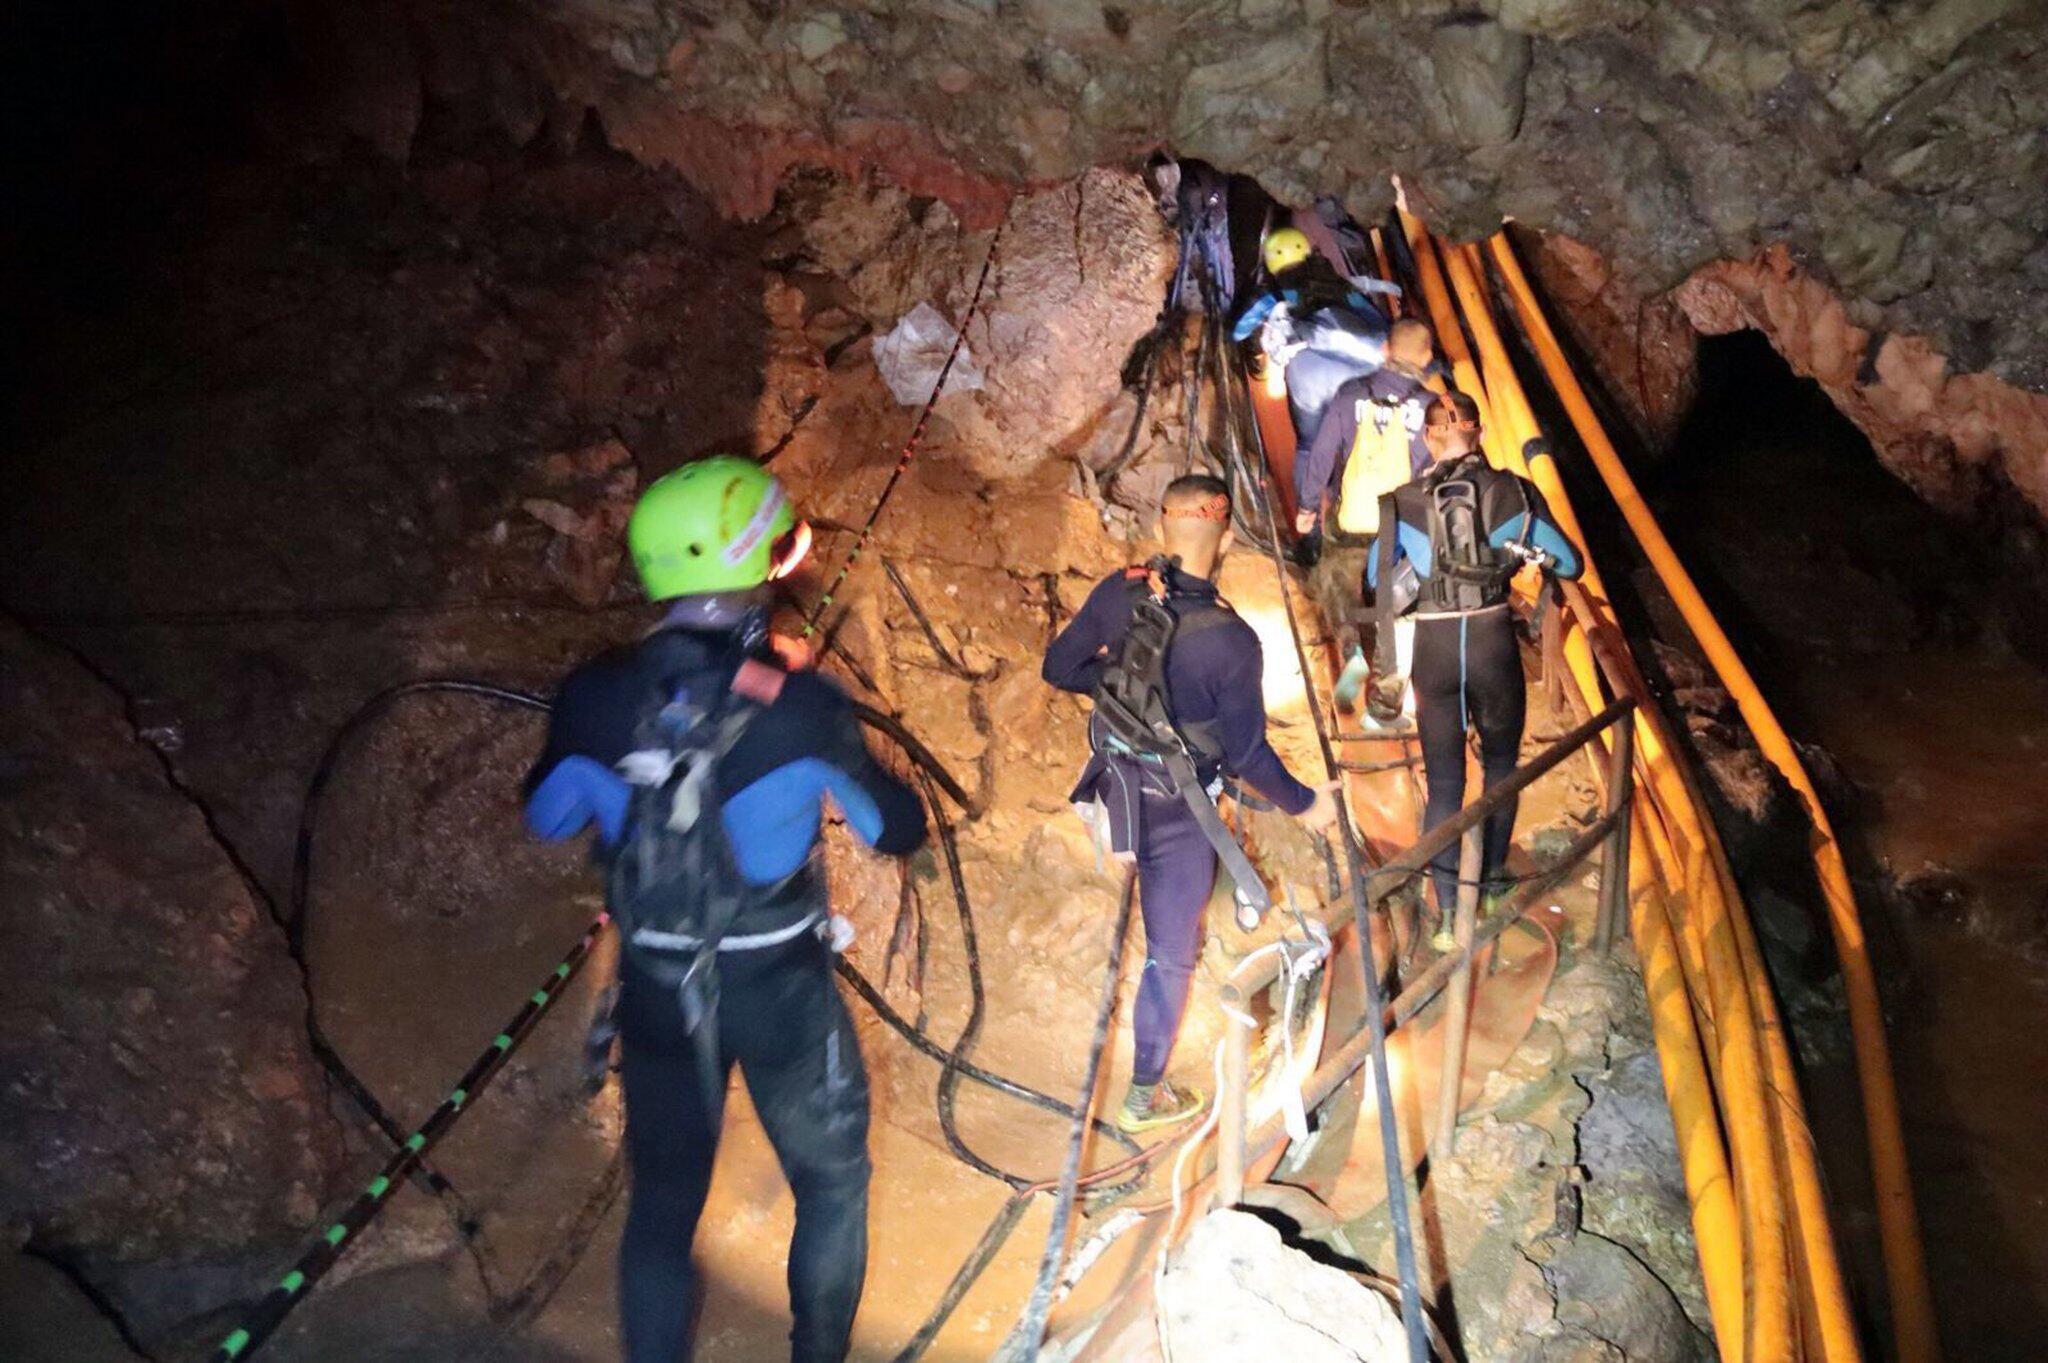 Bild zu Höhlendrama in Thailand - Rettungsarbeiten